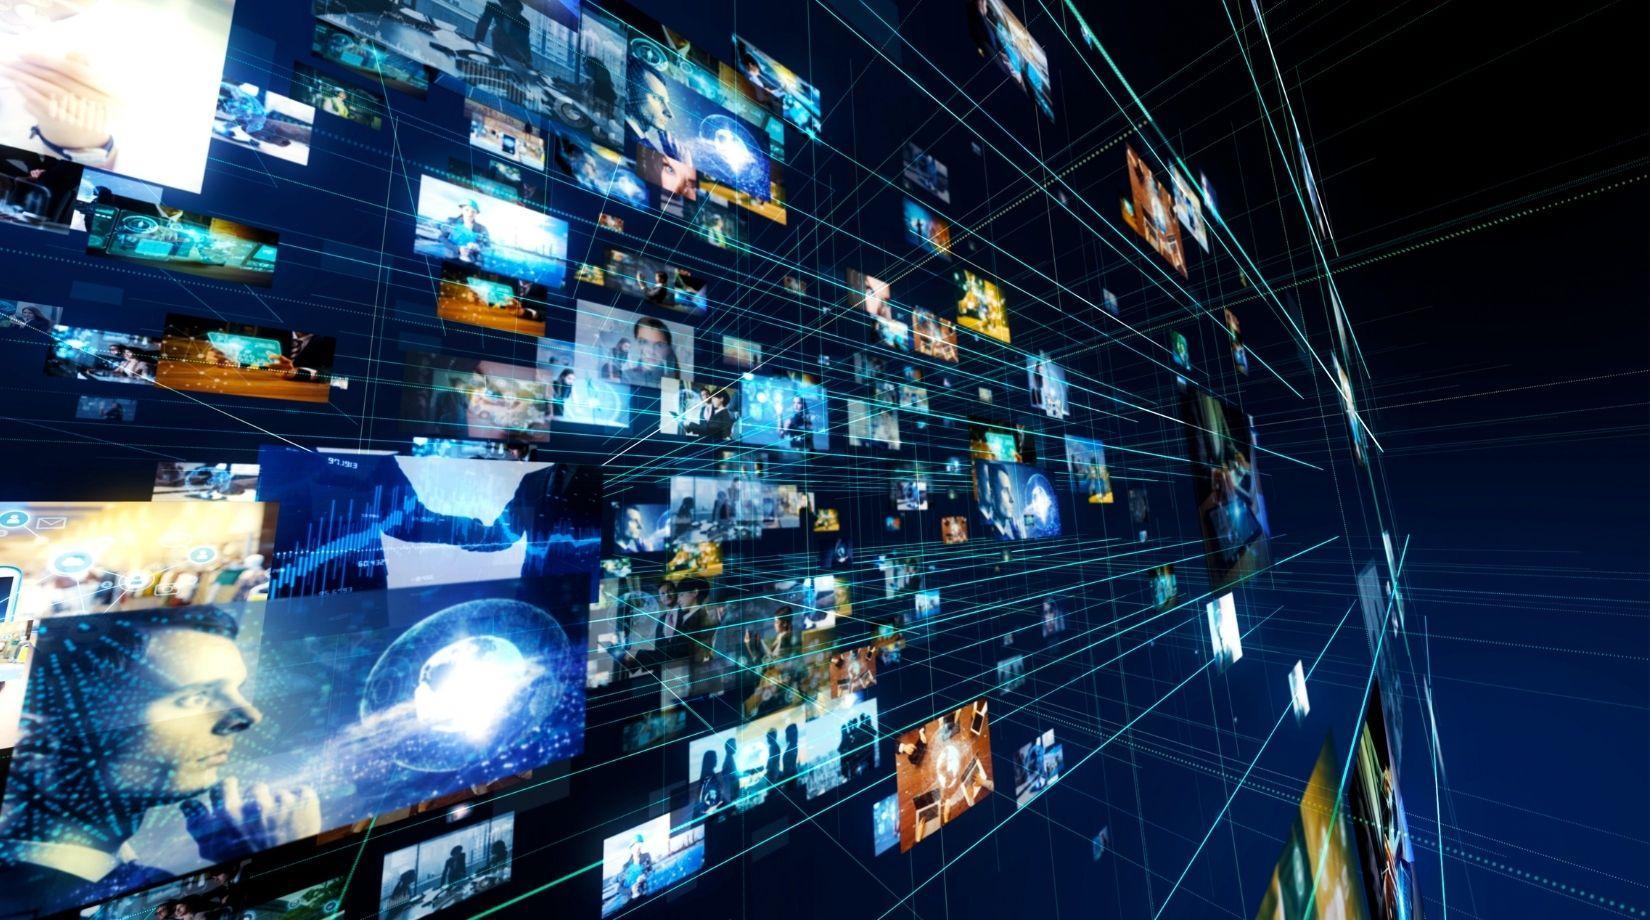 картинки в киберпространстве